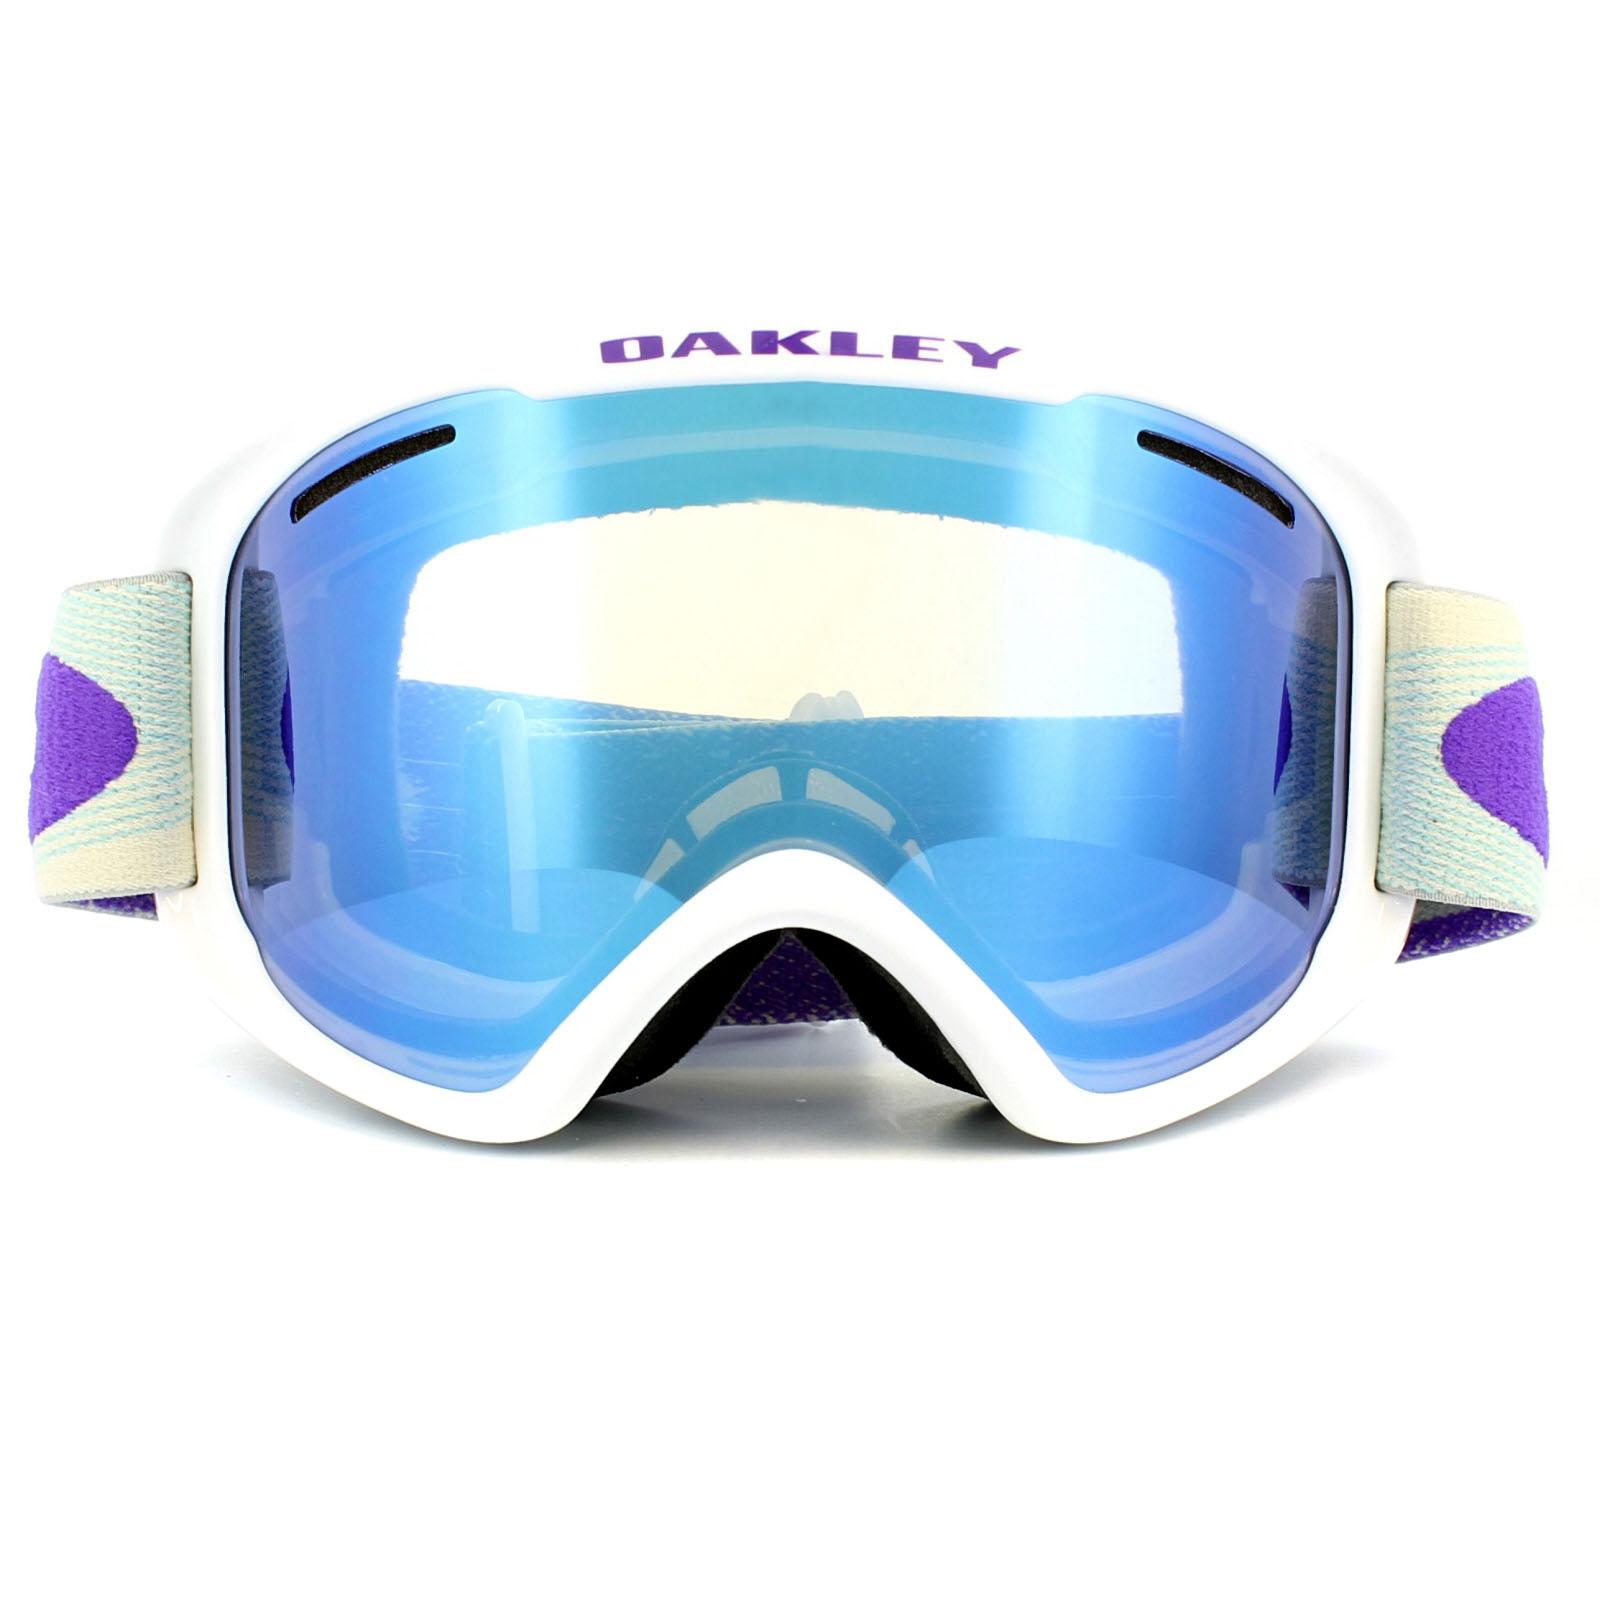 56928117160 Oakley Snow Goggles Purple